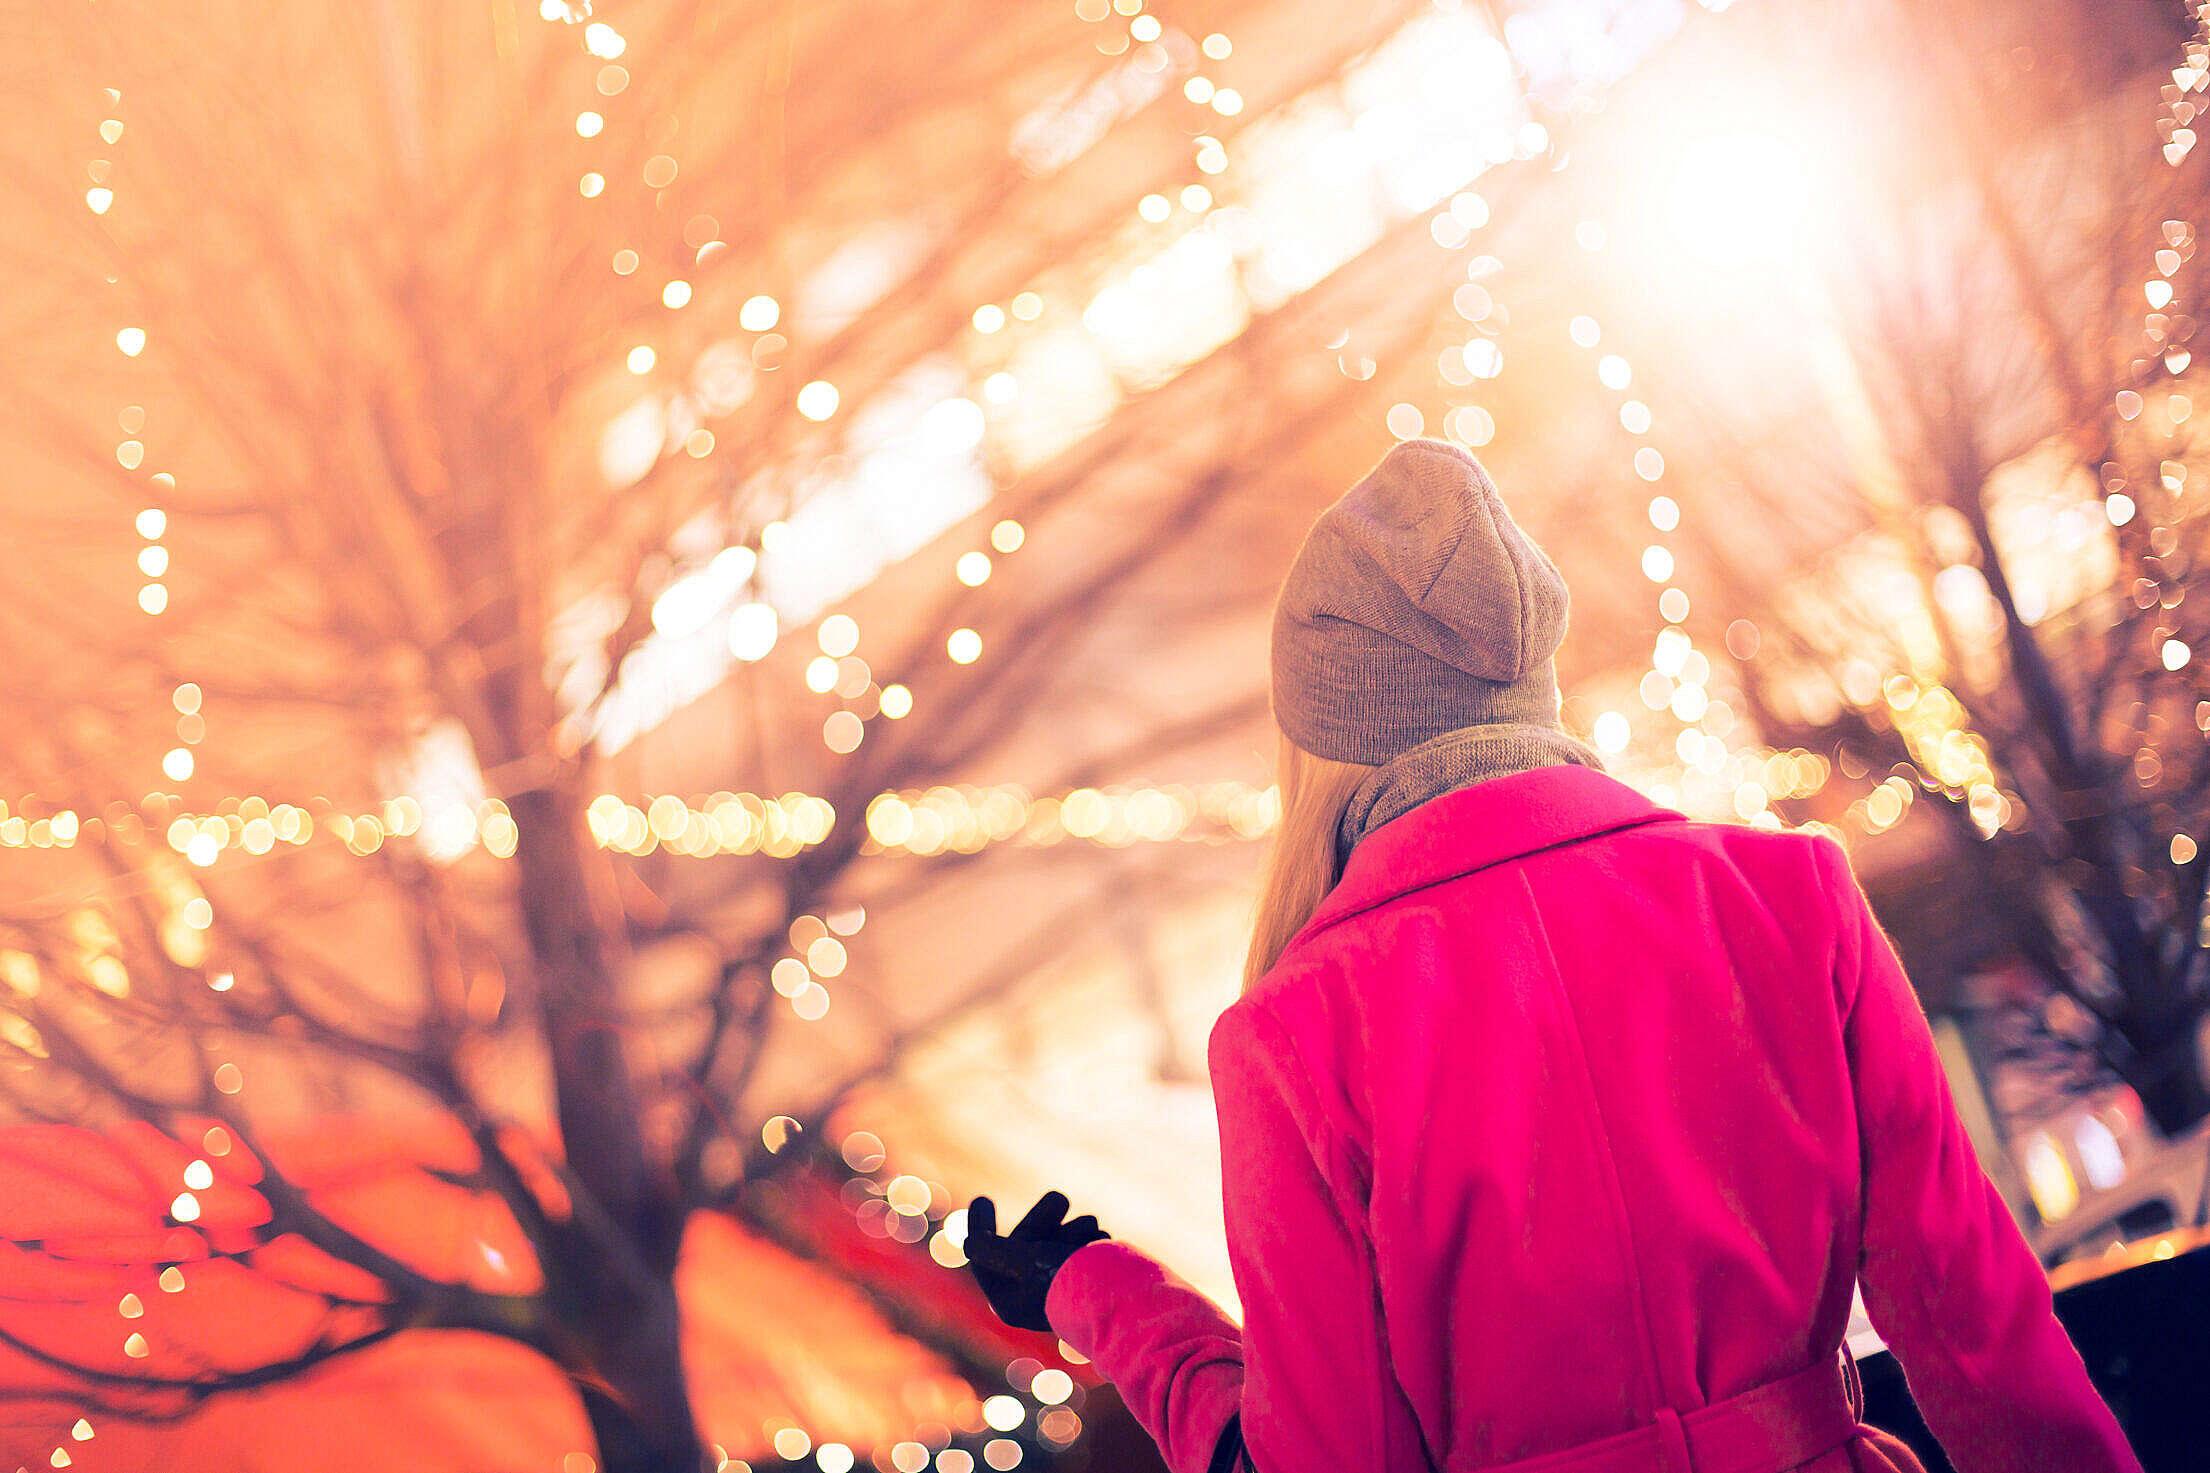 Beautiful Woman at Christmas Market Free Stock Photo